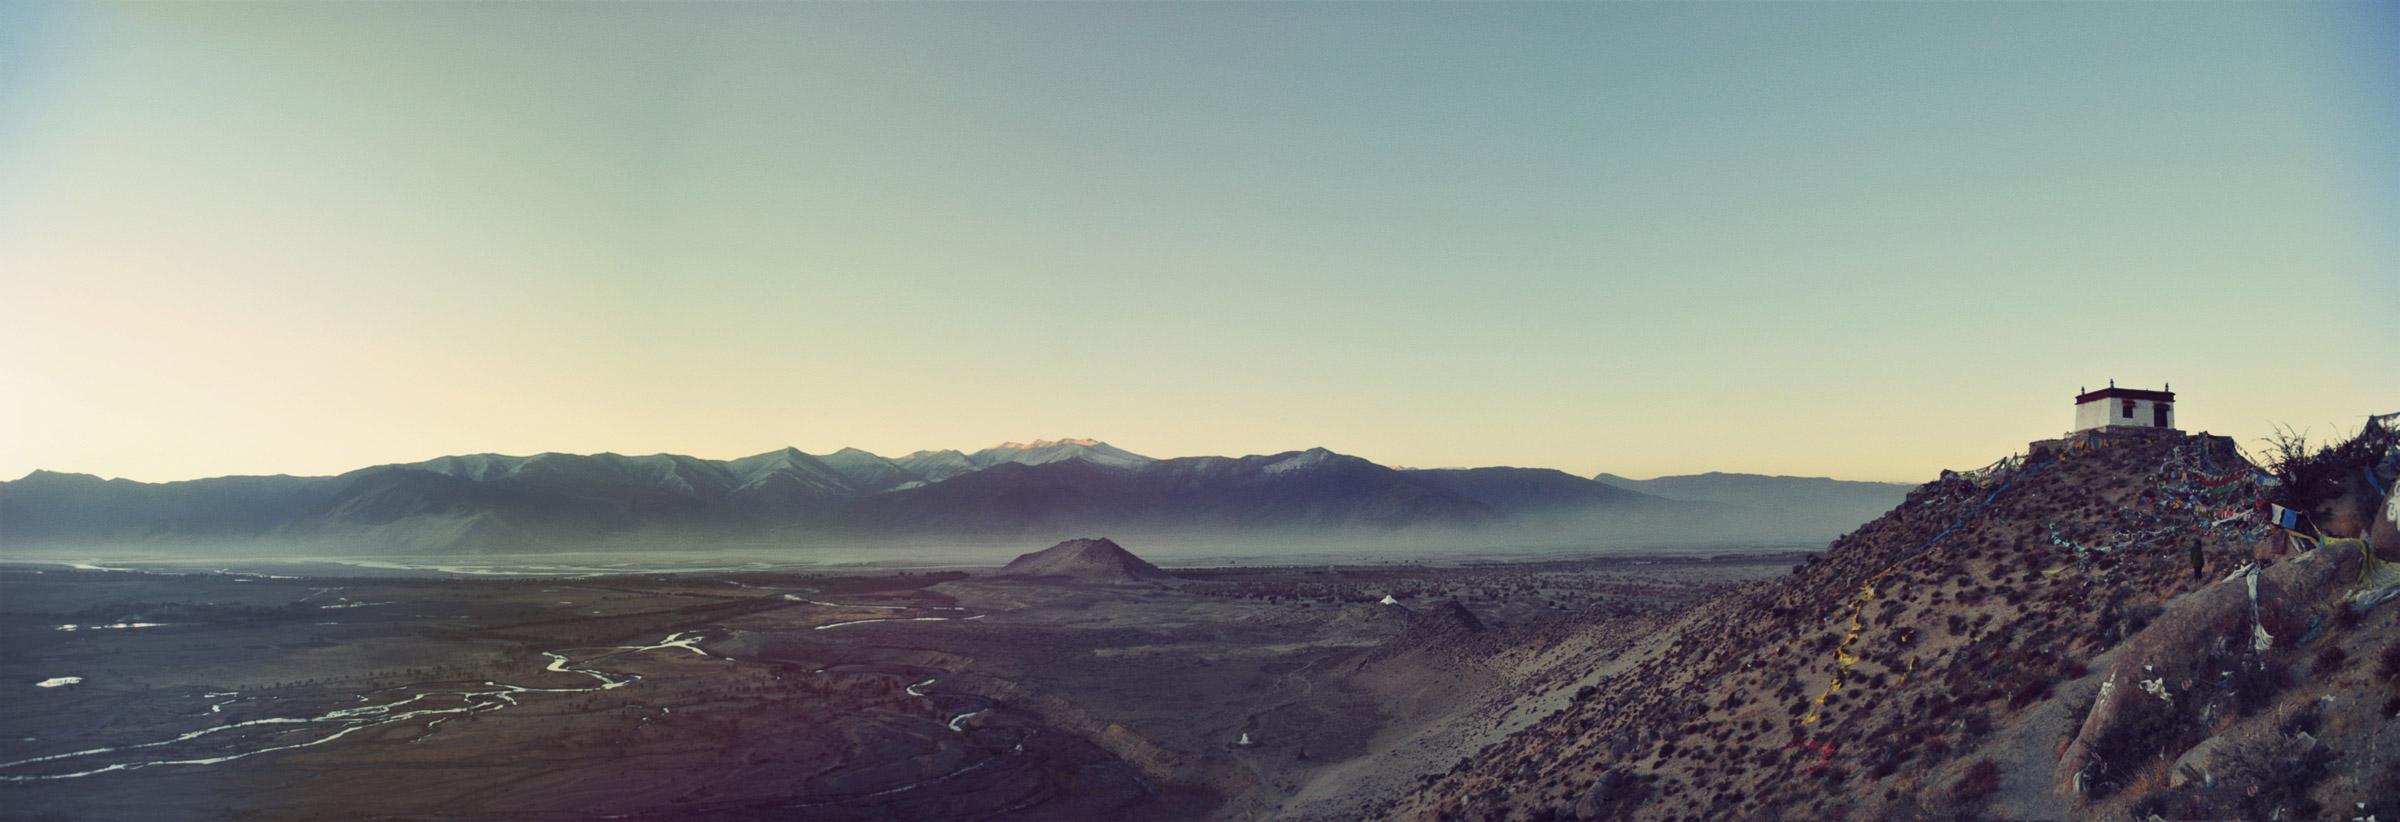 Hepo Ri, Tibet